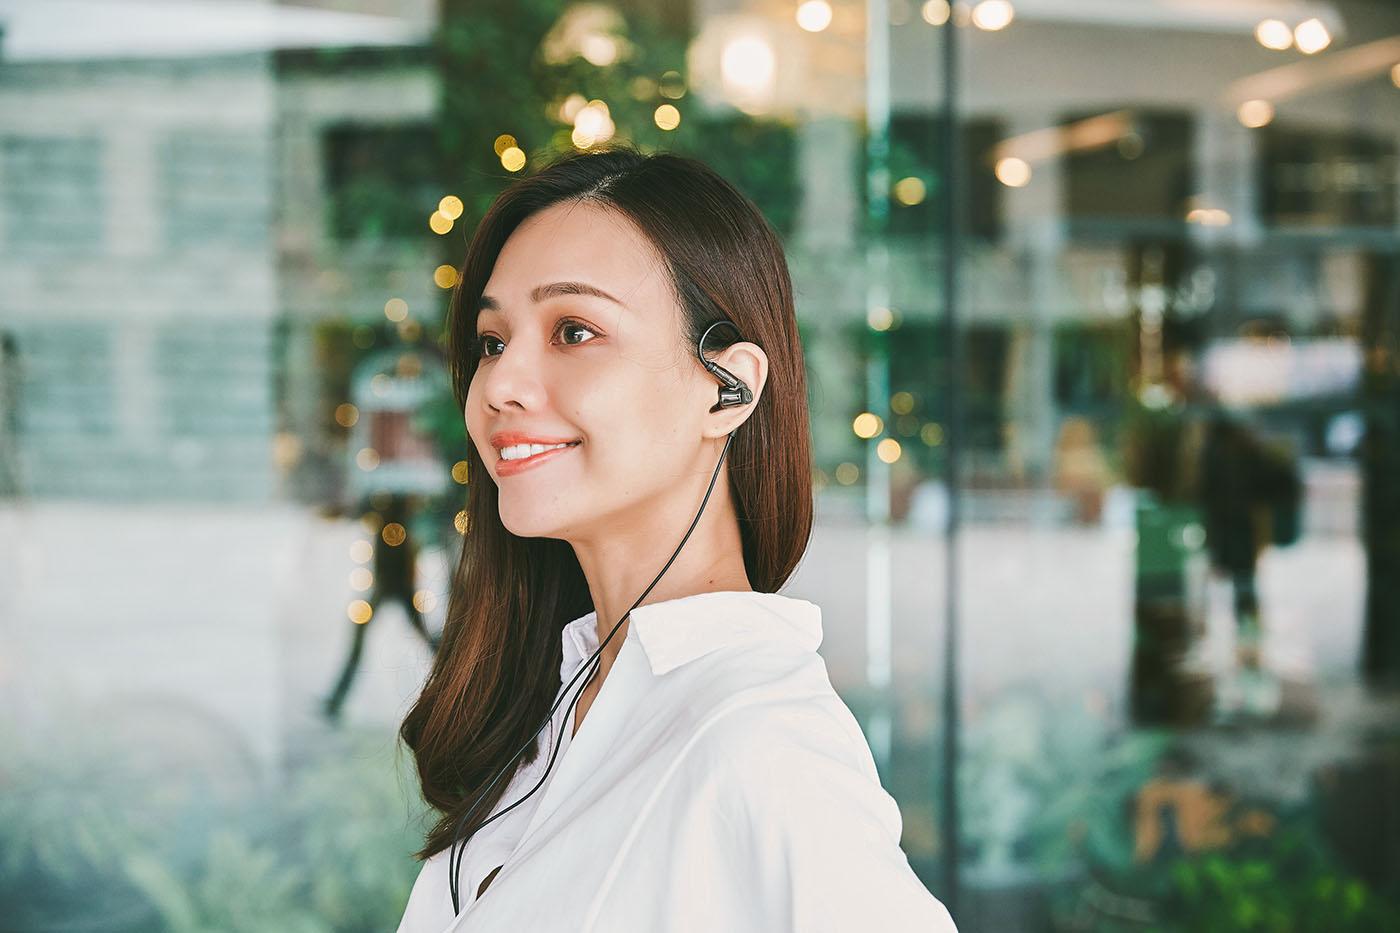 而小編認為最棒的一點是由於 ATH-IEX1 機體重量僅 19 克,�配上符合人體工�的耳掛佩戴�計,讓戴上 ATH-IEX1 聆聽音樂的過程顯得輕鬆愜意。